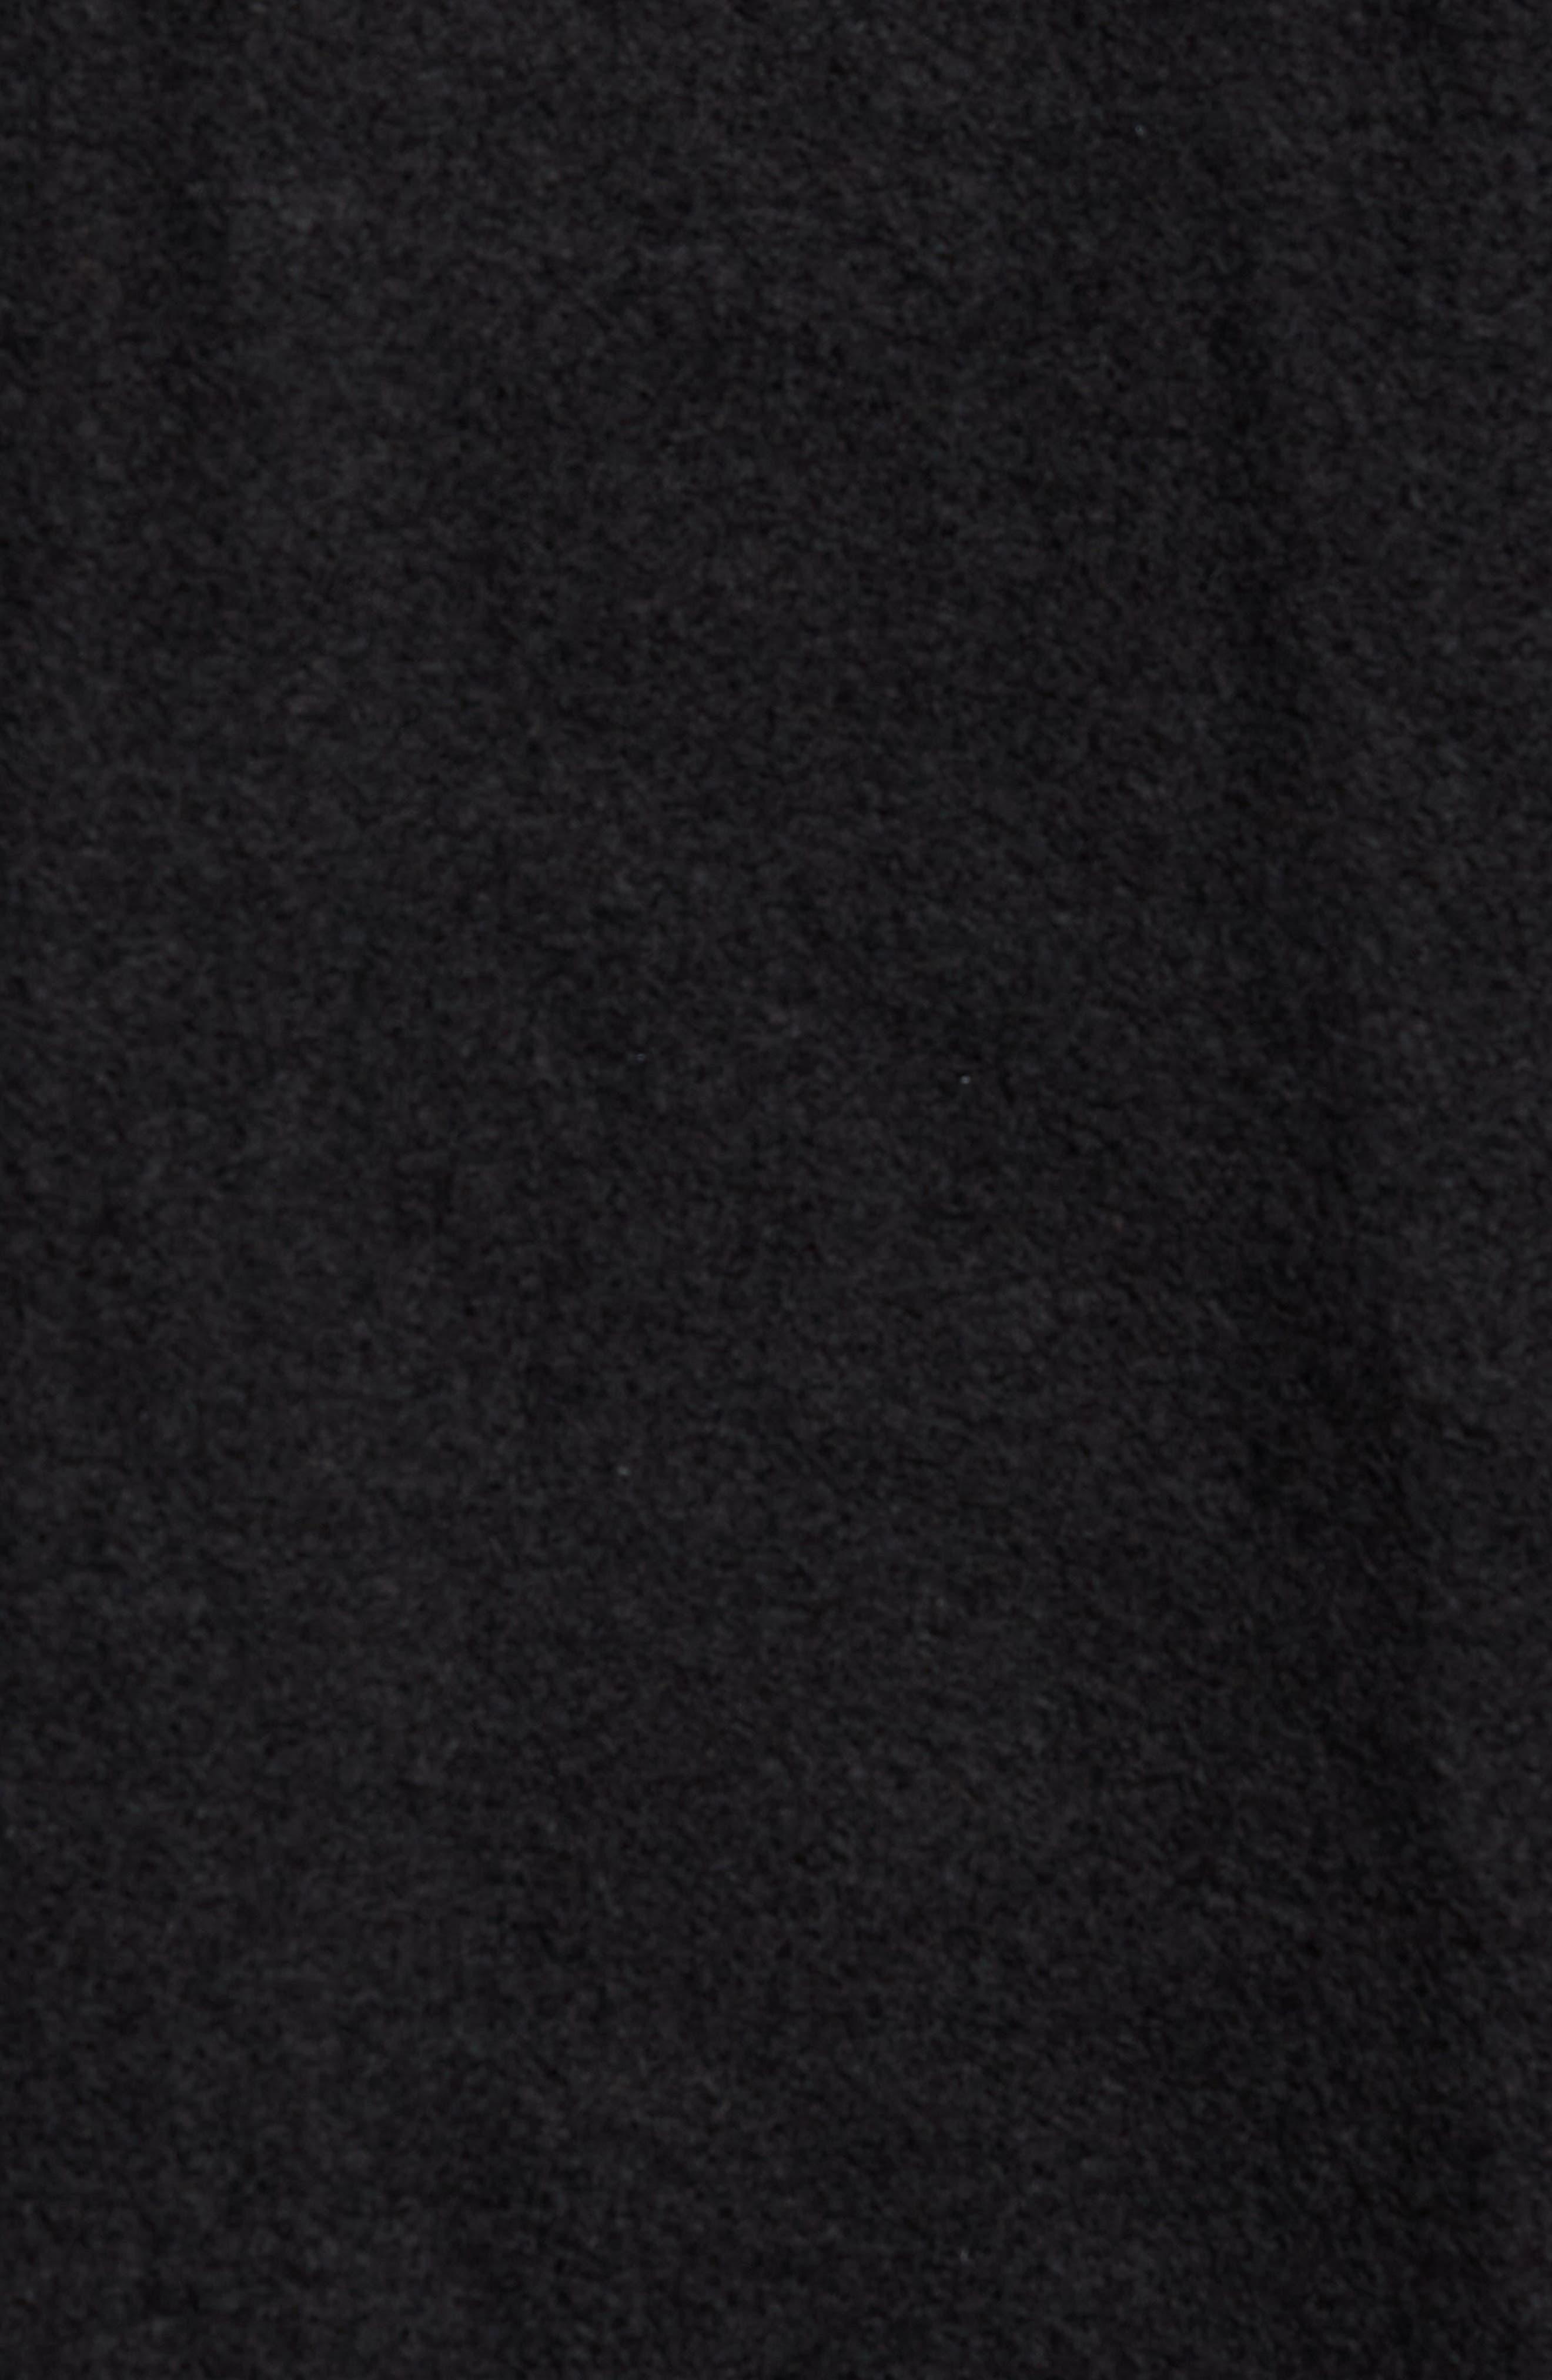 Burch Eye Hoodie Sweatshirt,                             Alternate thumbnail 5, color,                             Black